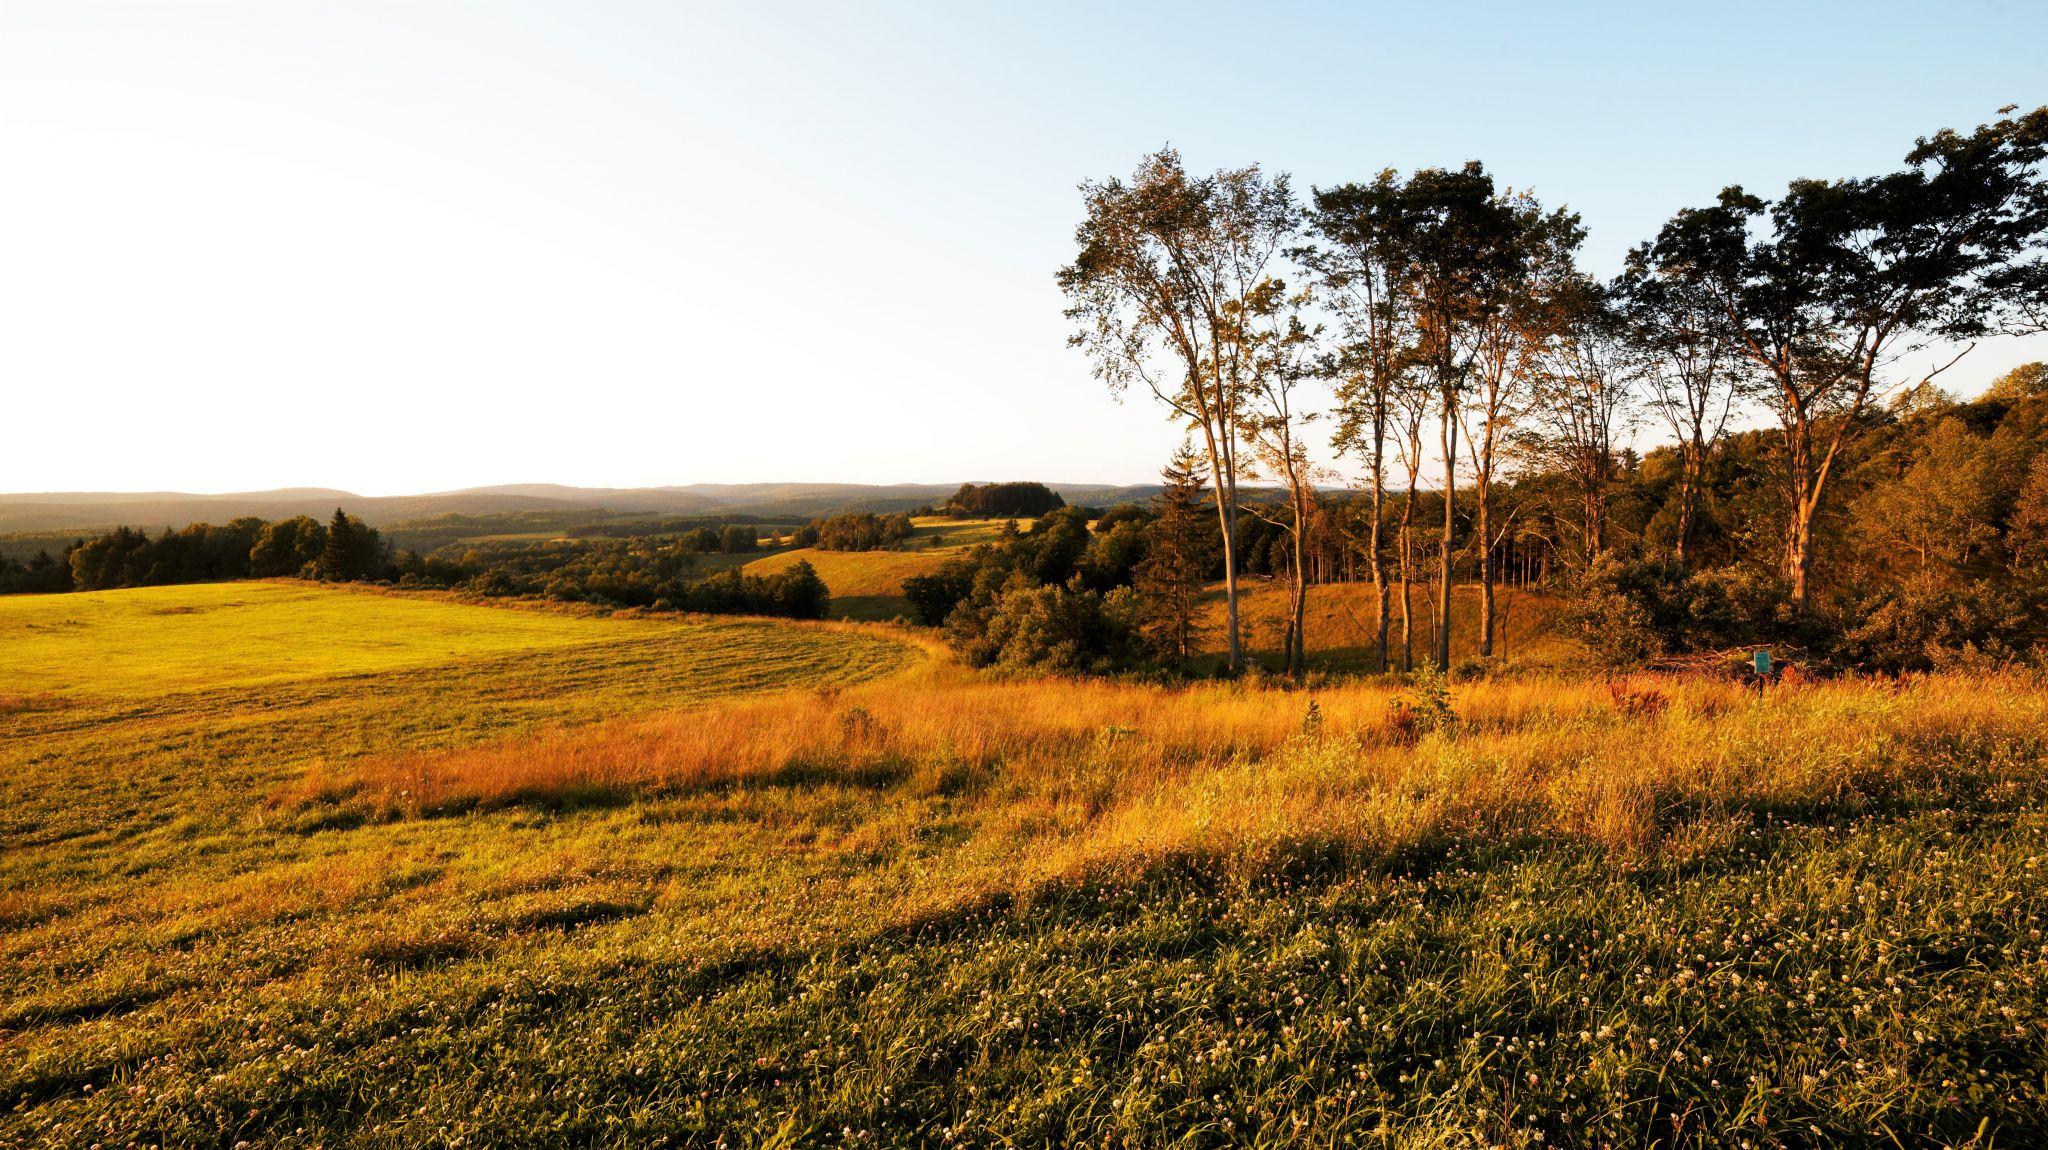 Vistas of Central Pennsylvania, USA